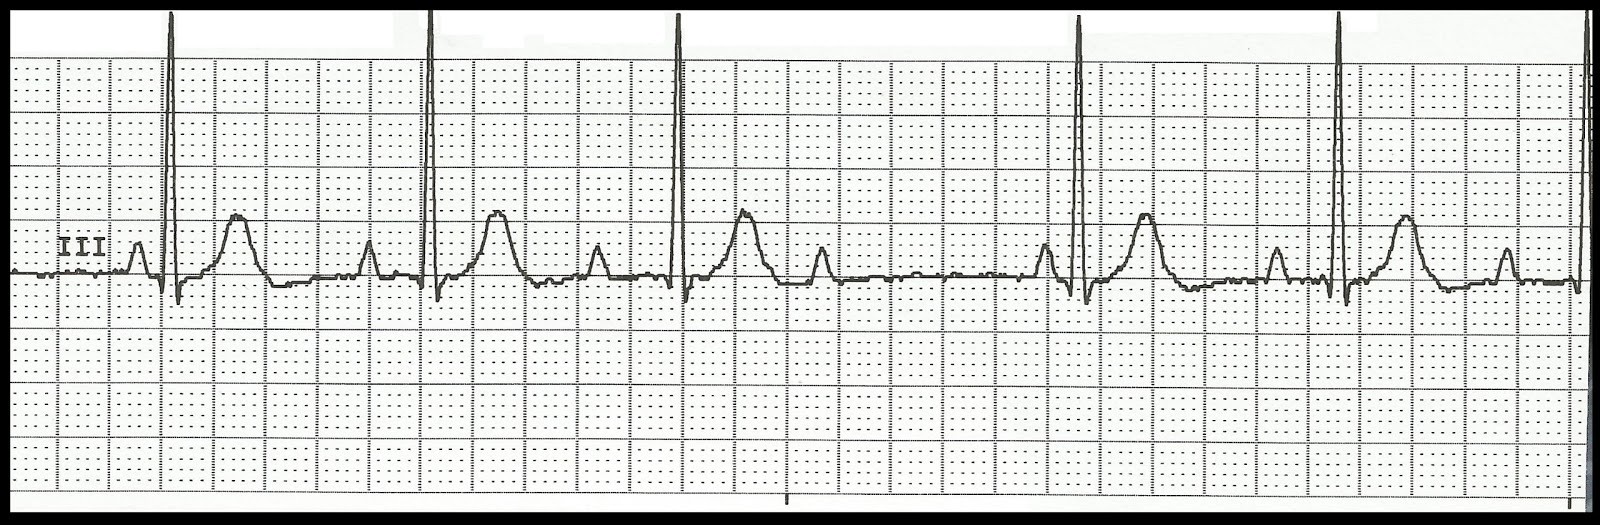 Second degree av block type 1 vs type 2 second degree heart block